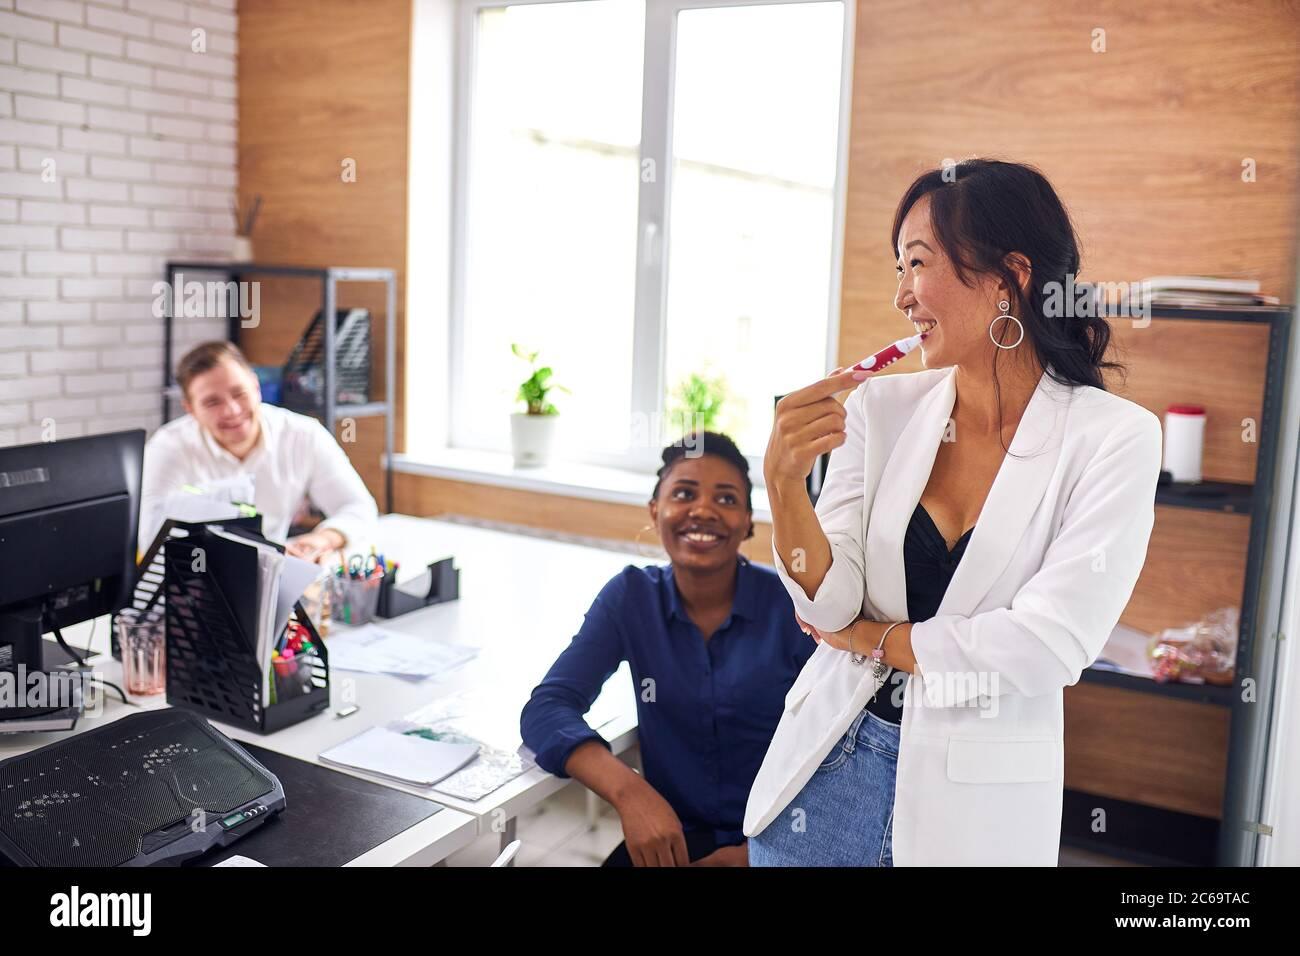 Mujer asiática alegre en camisa blanca usar rotafolios durante la presentación de su negocio, caucásicos y oyentes africanos Foto de stock